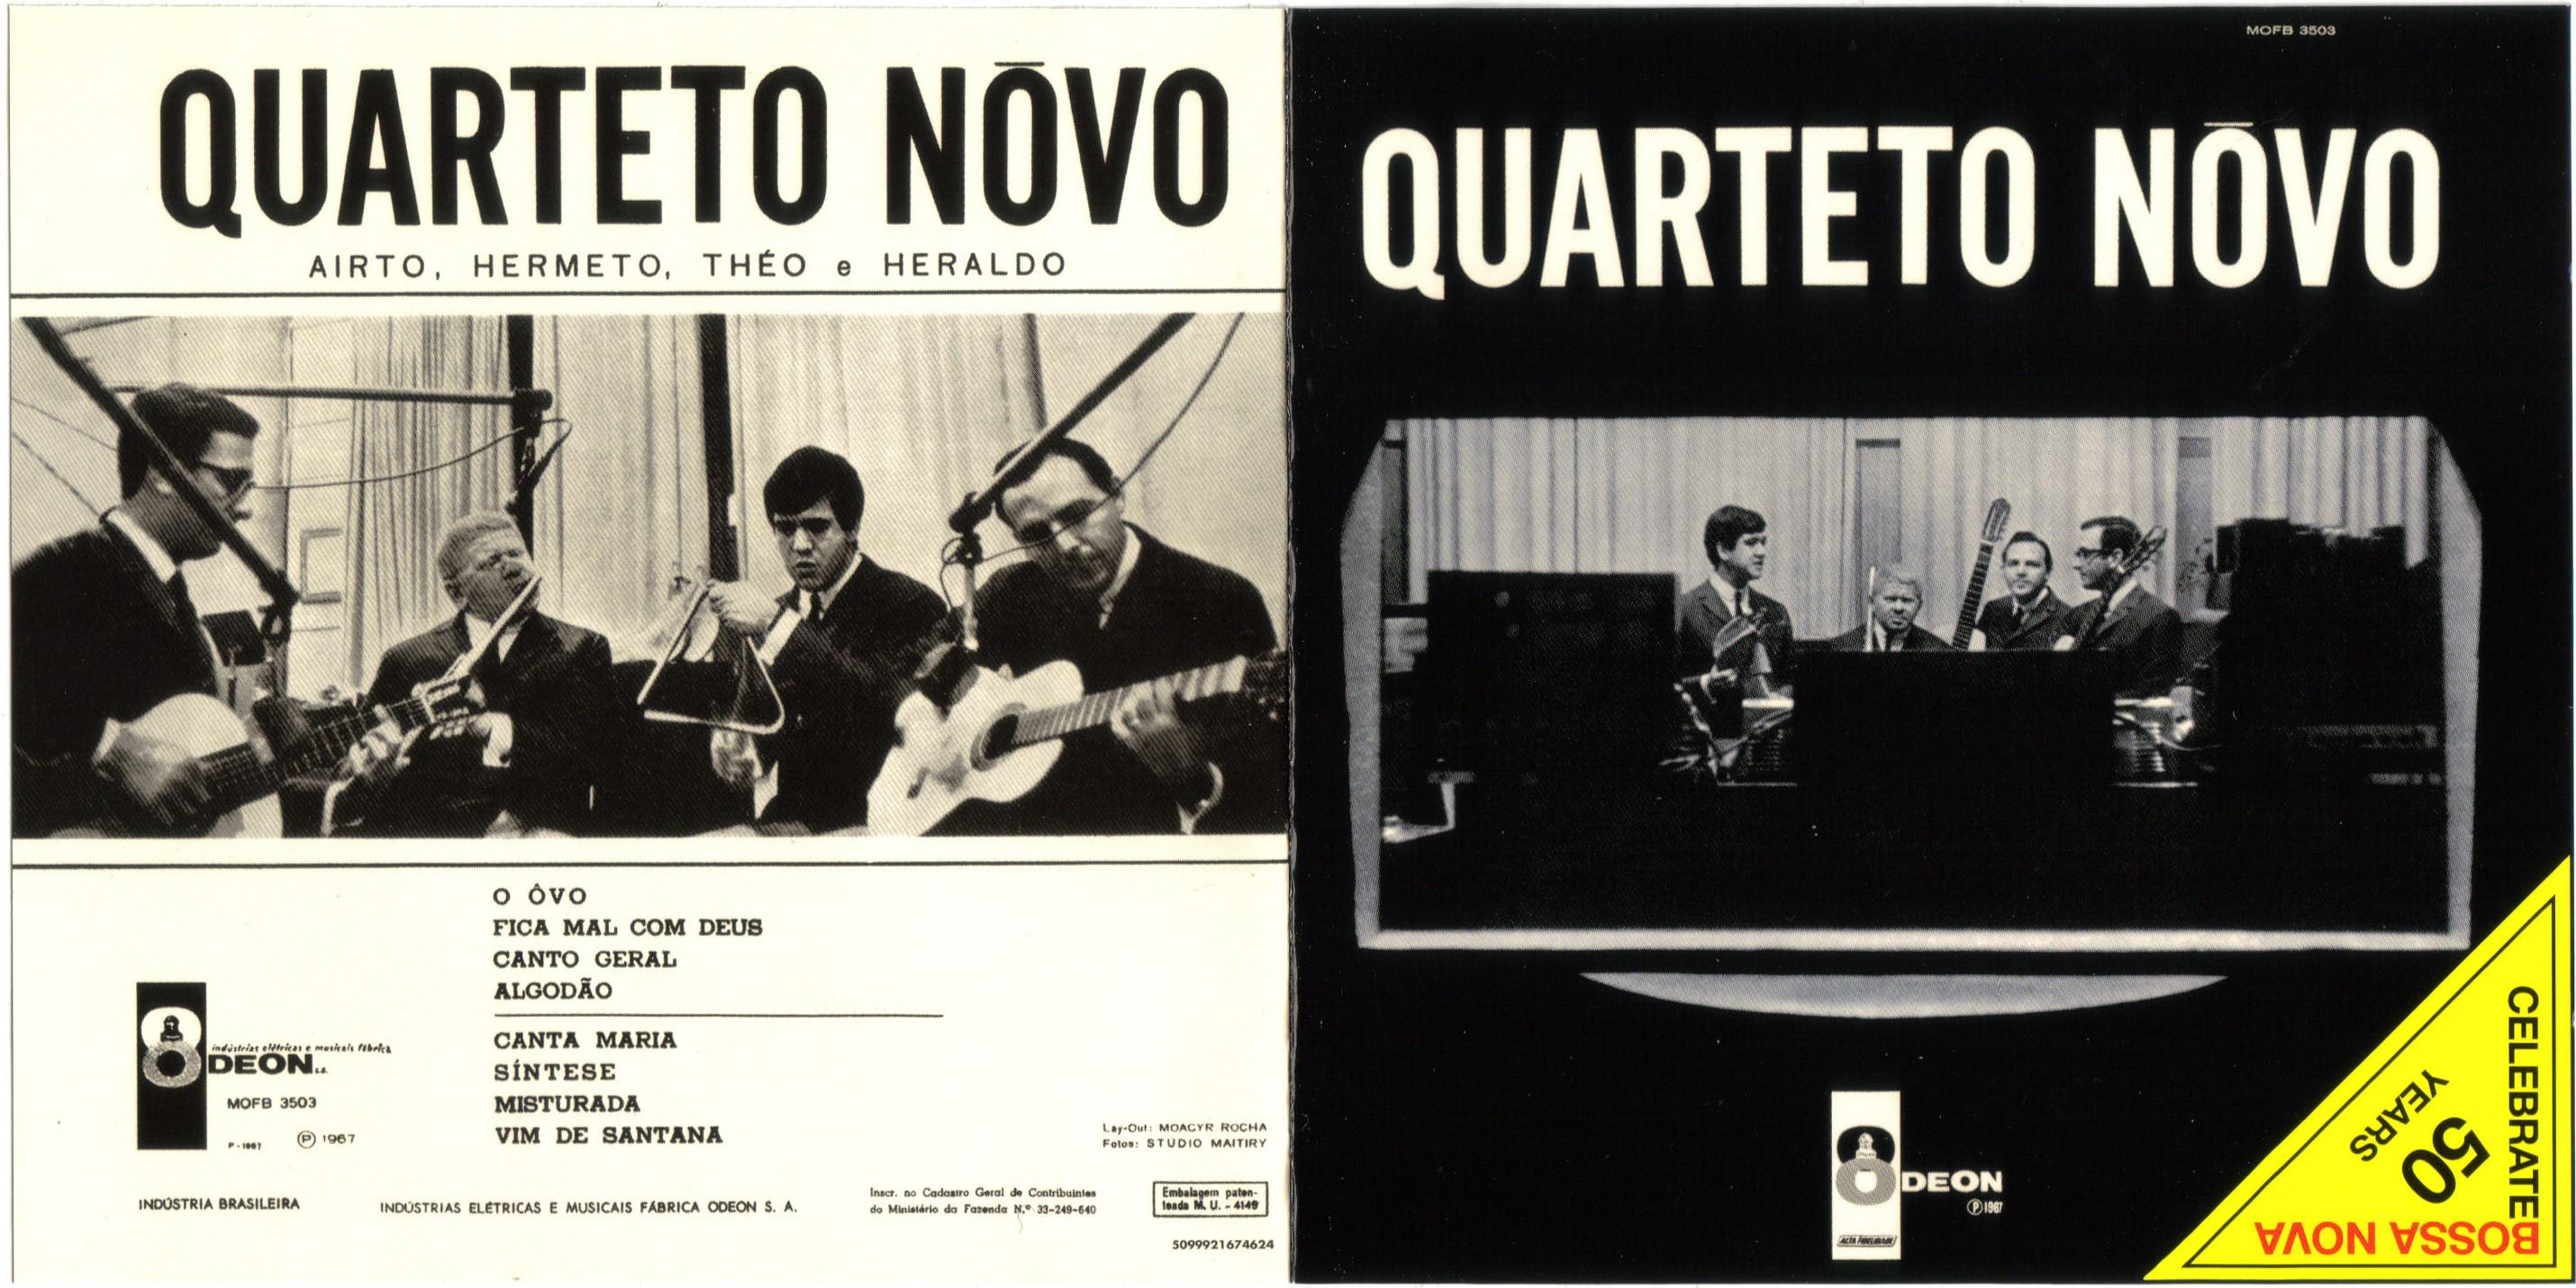 Quarteto Novo (1967), Quarteto Novo (Foto: Reprodução/Instagram)